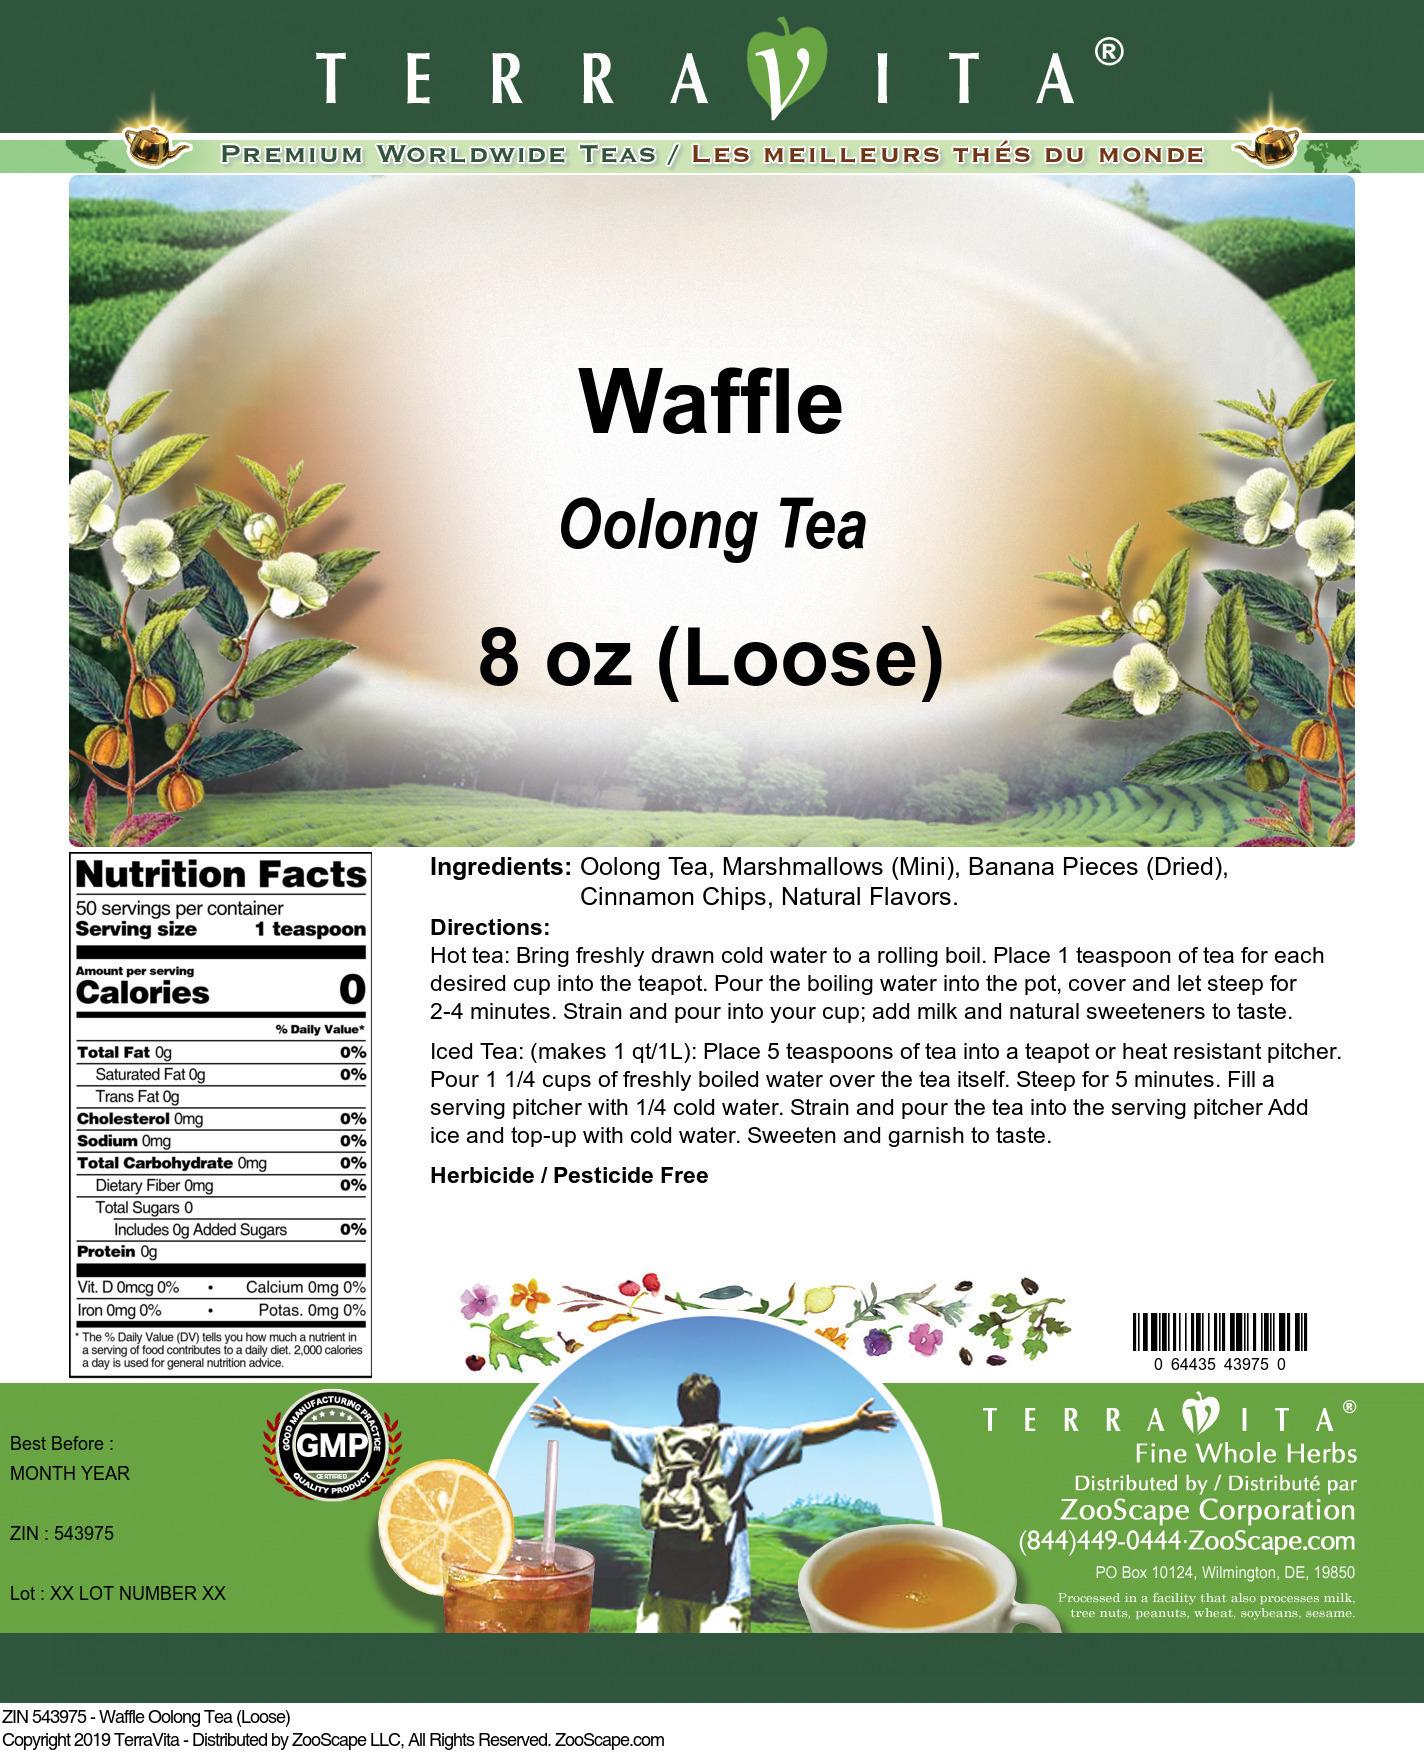 Waffle Oolong Tea (Loose)